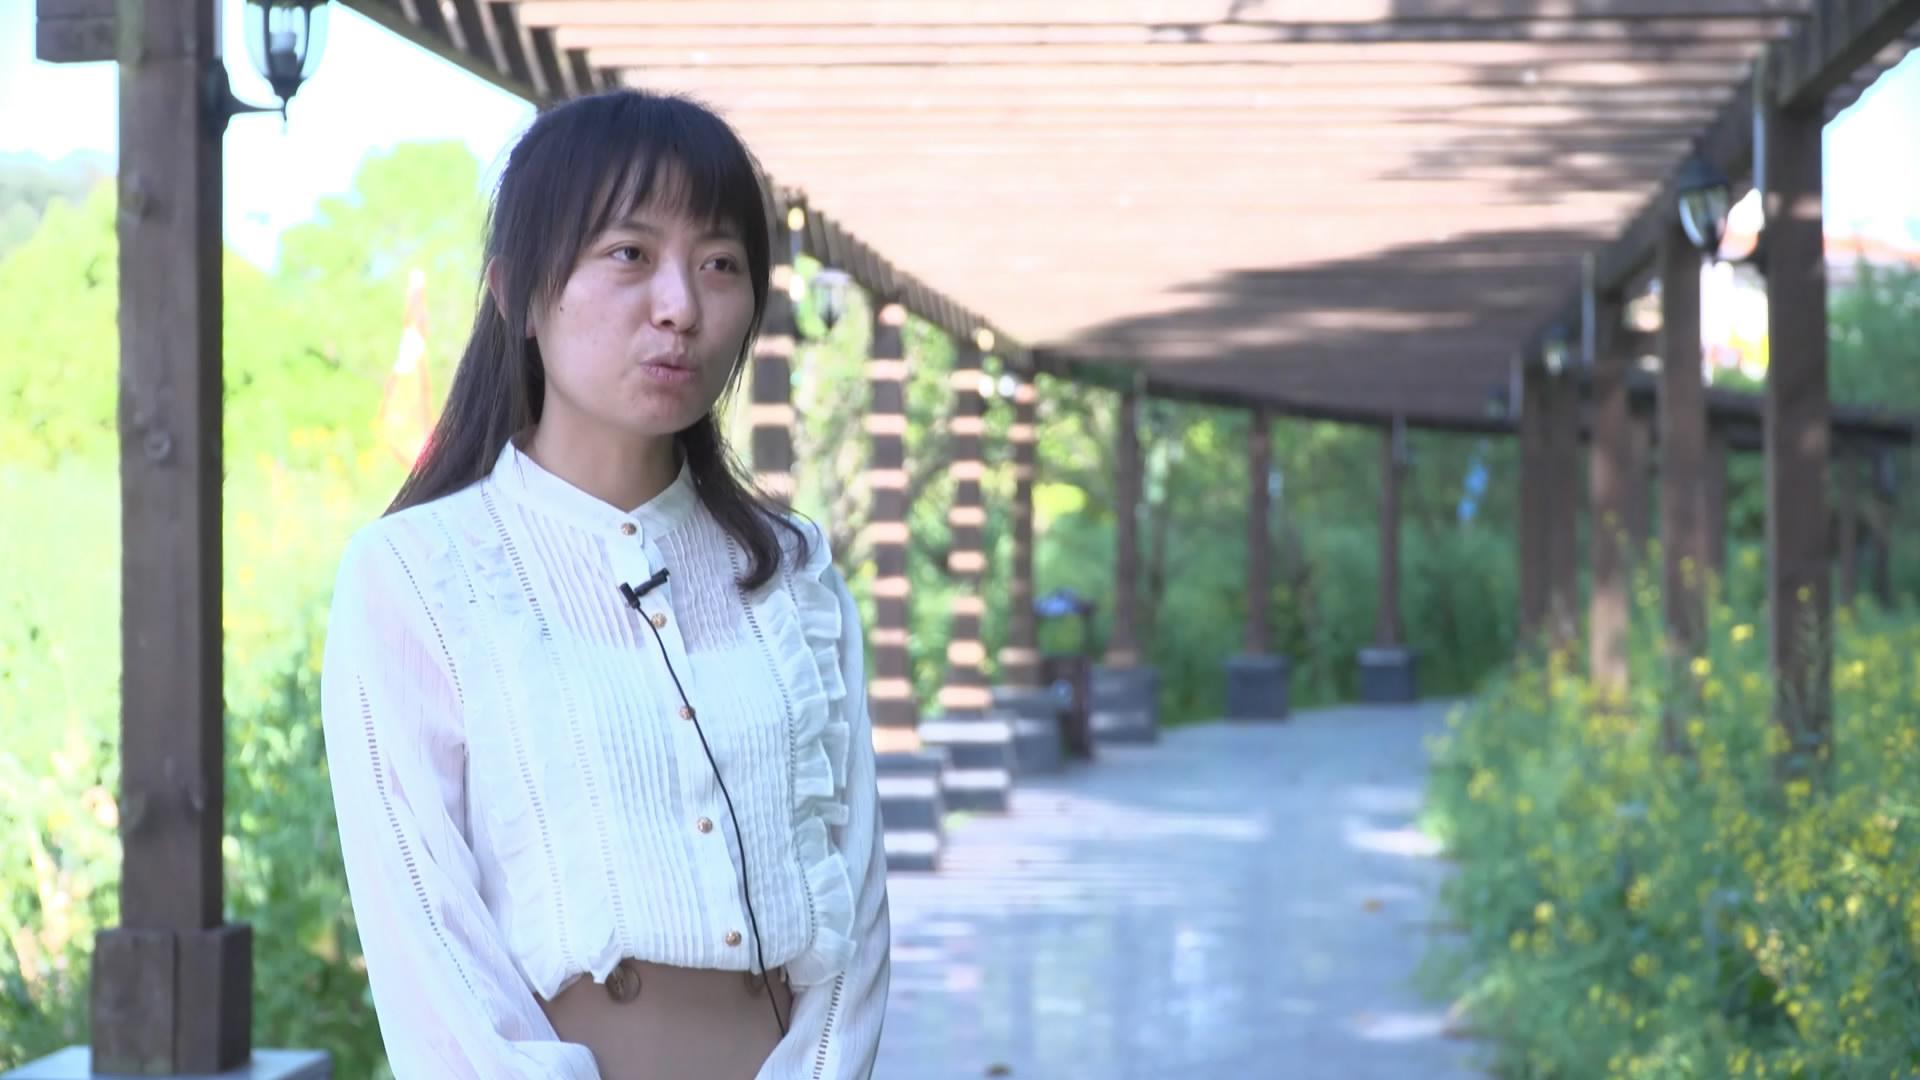 南川區委黨校教師吳萌萌介紹此次講課的內容和目的